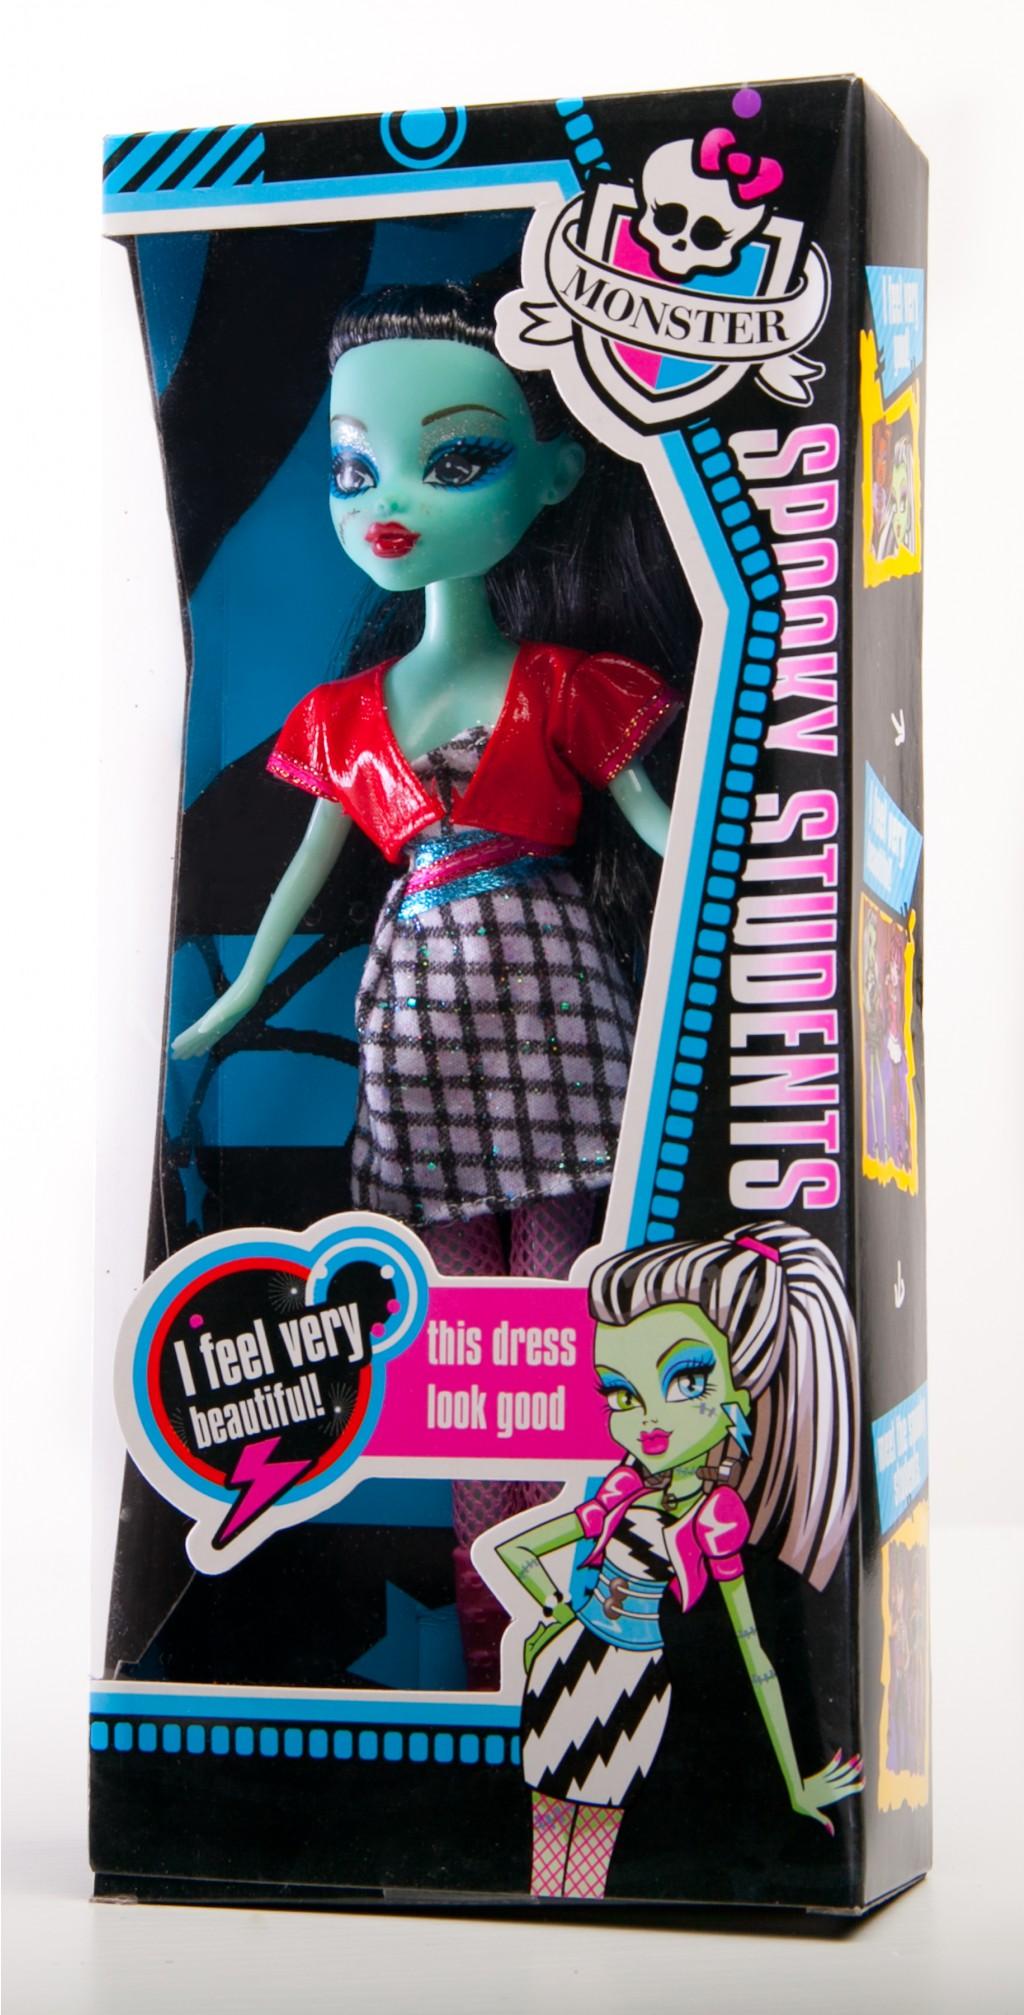 Супер распродажа копий кукол Monster High!Теперь от 100 до 150р!Успейте заказать!Количество ограничено